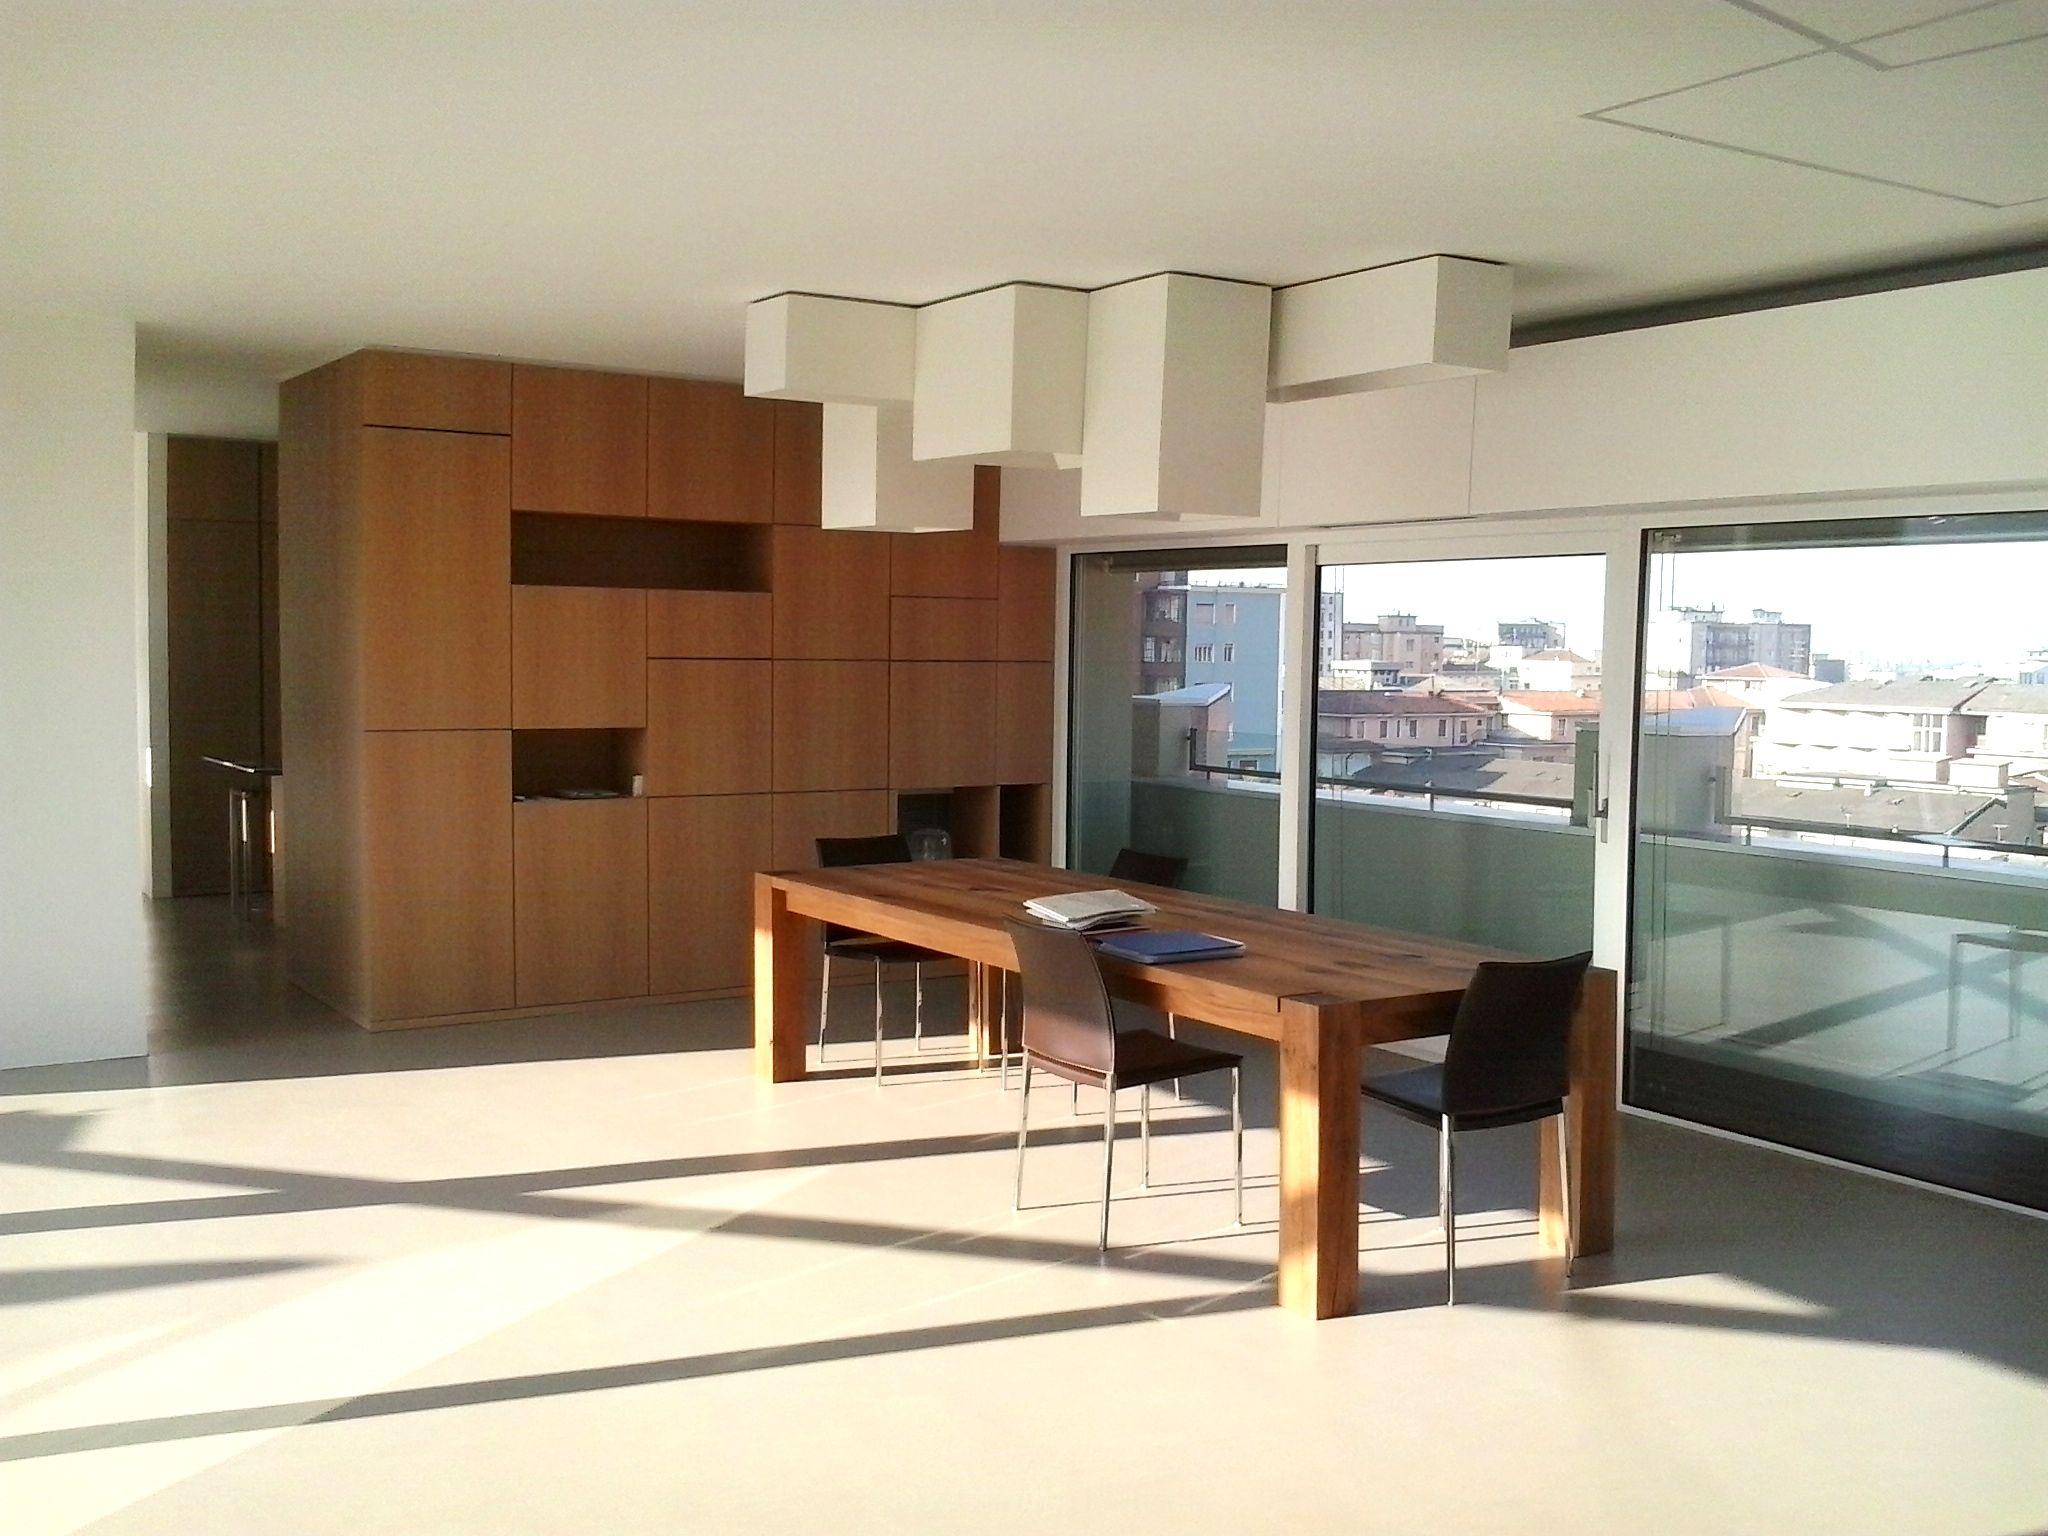 Arredamento Loft ~ 25 best arredamenti per la casa images on pinterest home loft and